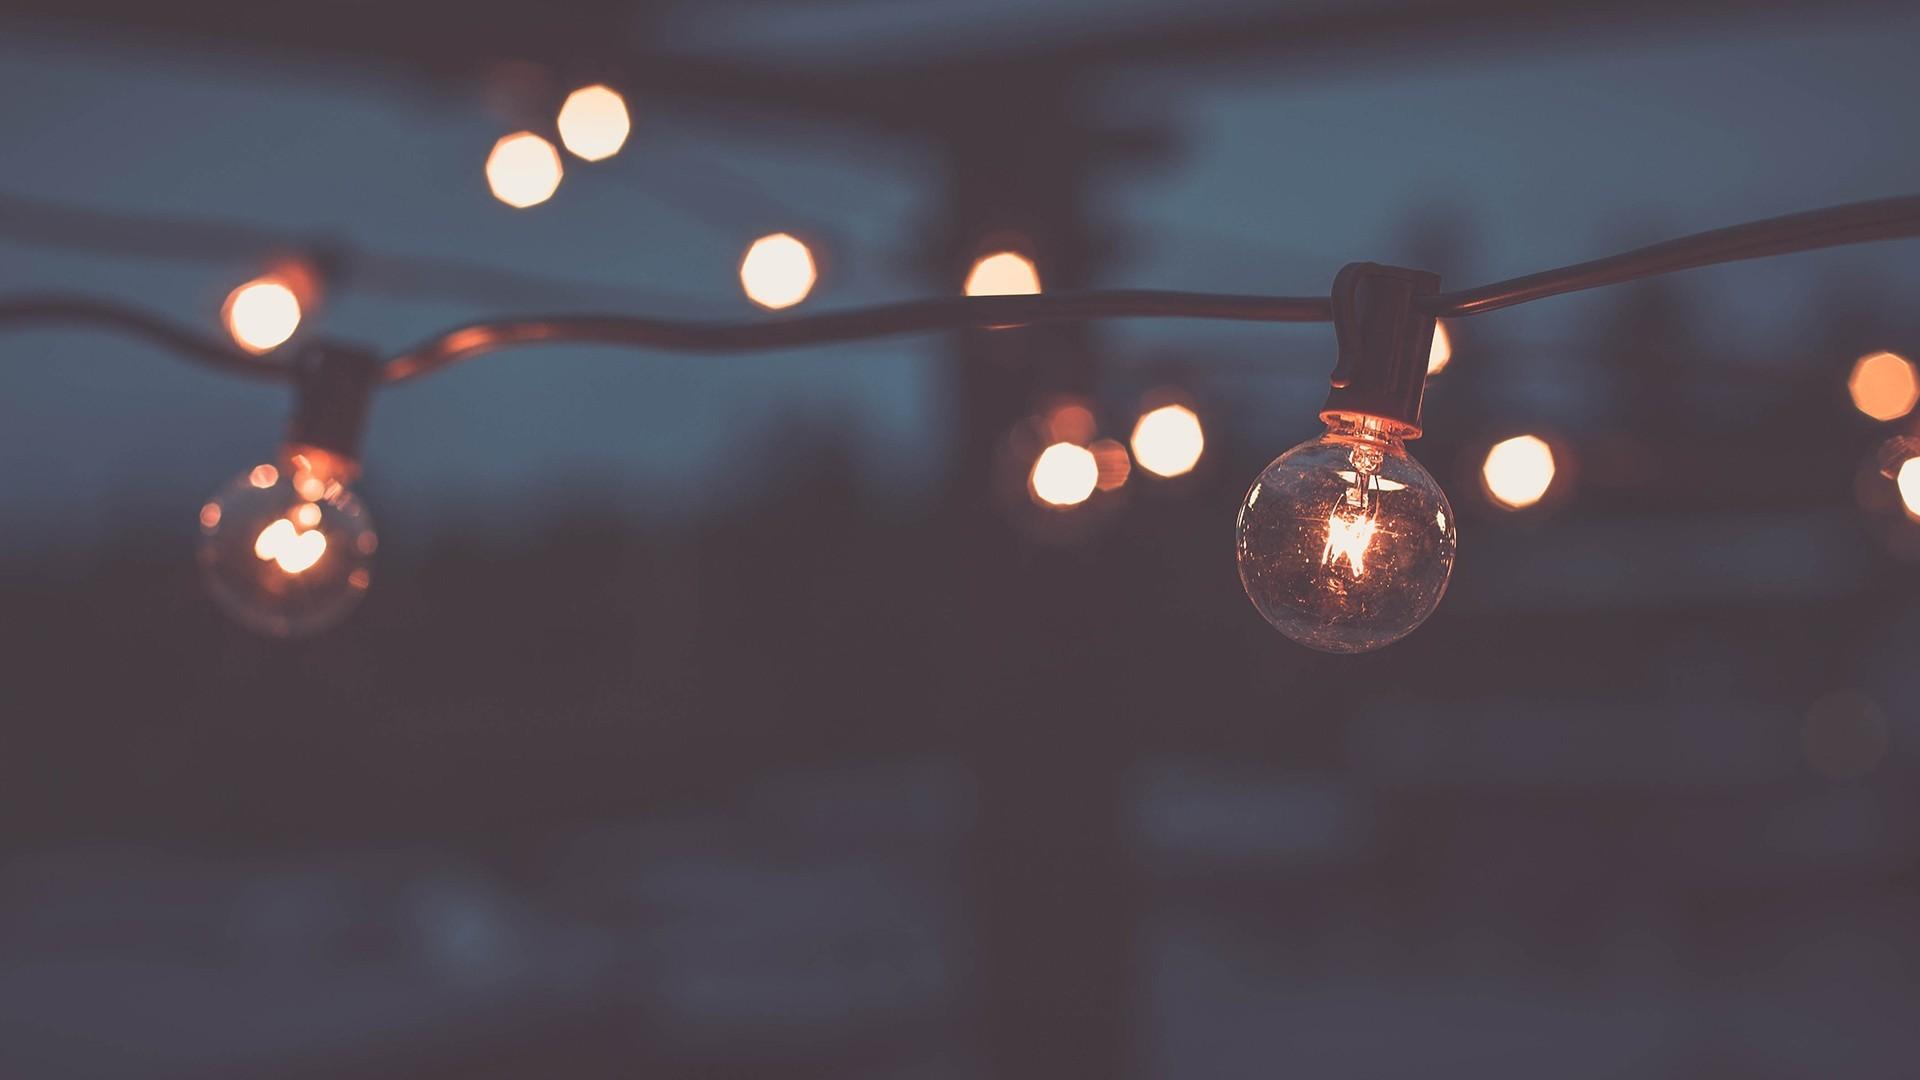 strings of light bulbs wallpaper